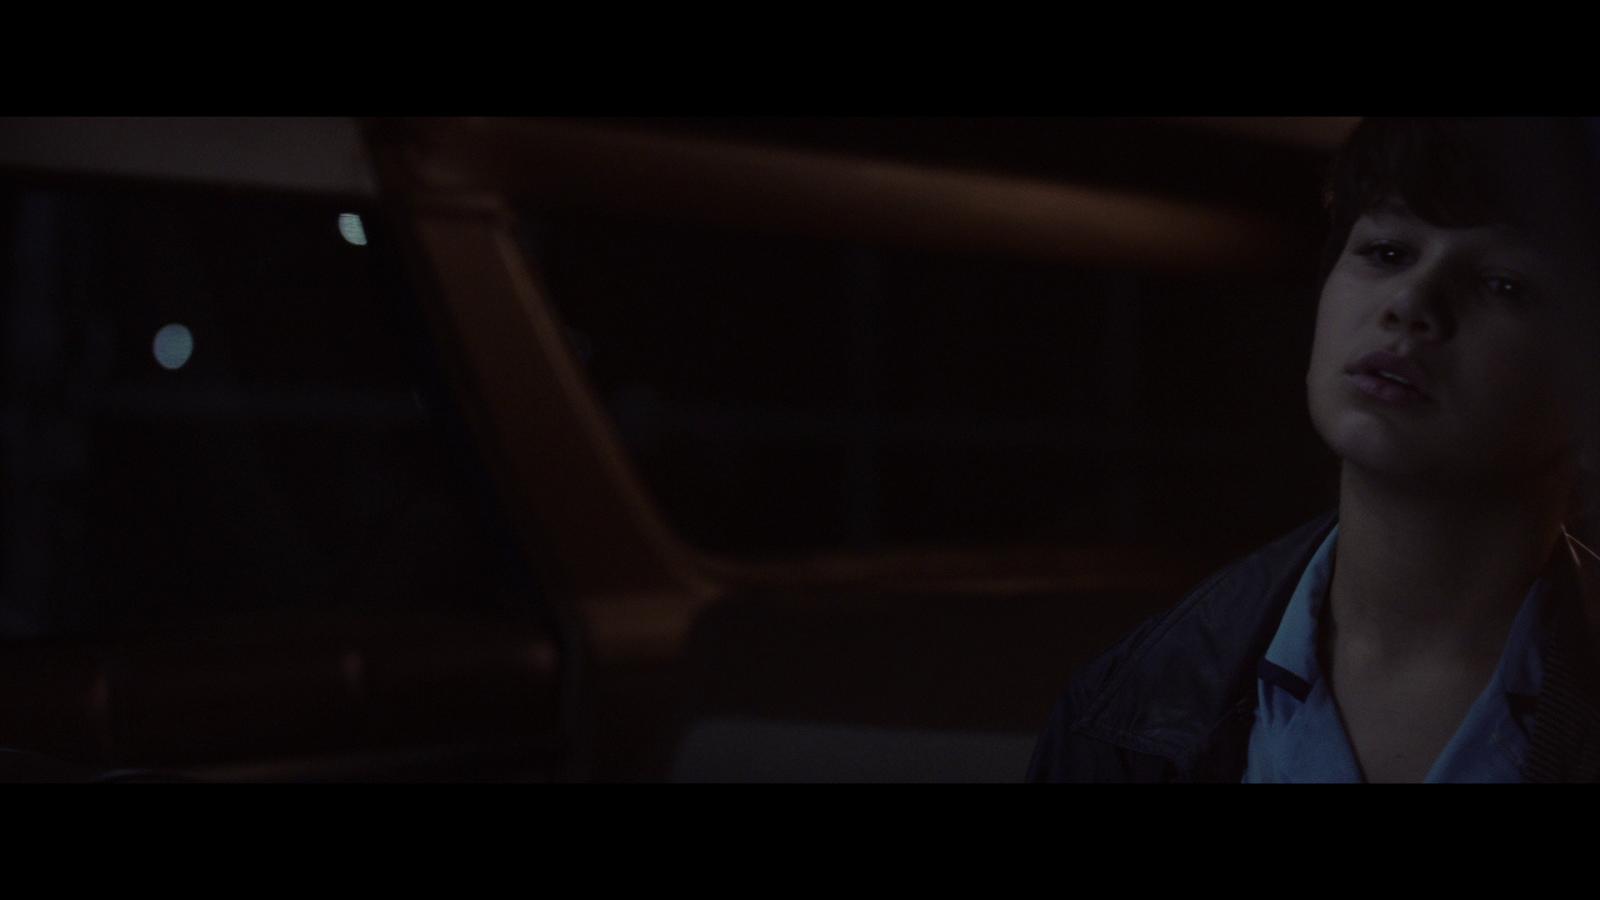 La Maldición De La Llorona (2019) Full HD 1080p BD25 LATINO 2